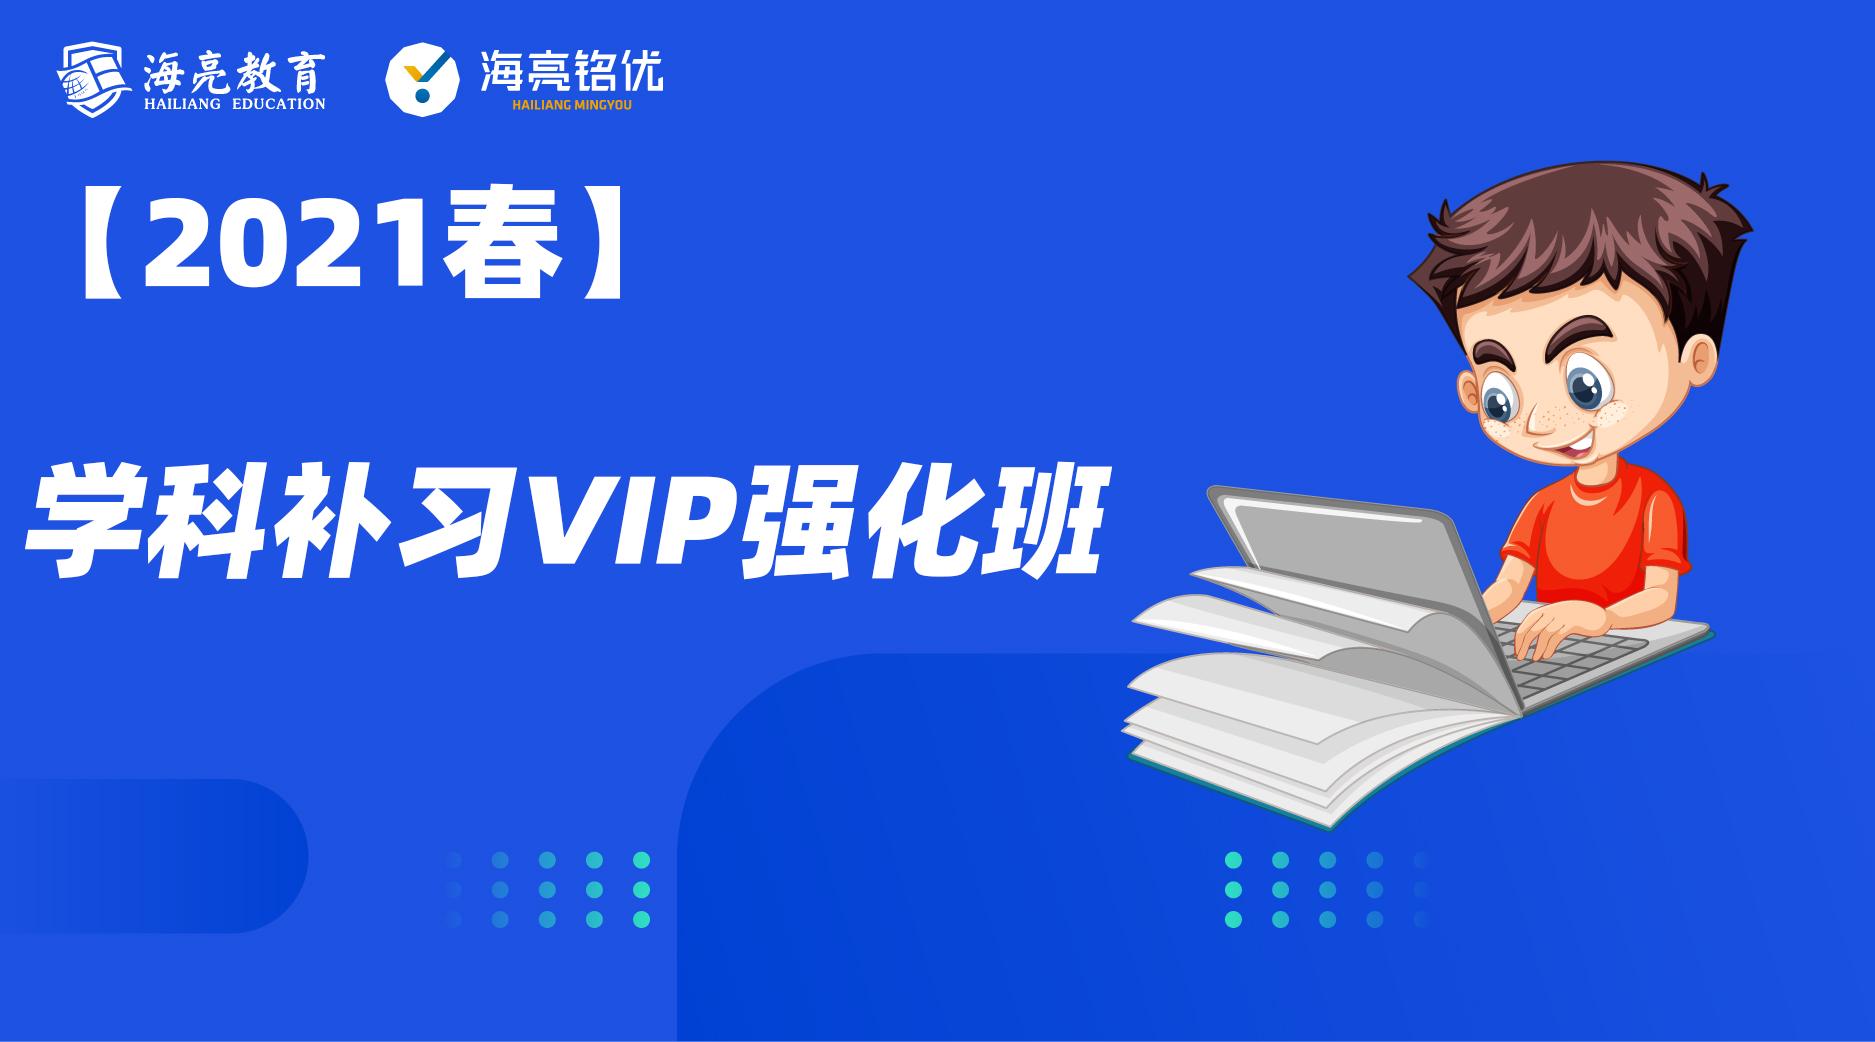 【2021春】学科补习VIP强化班